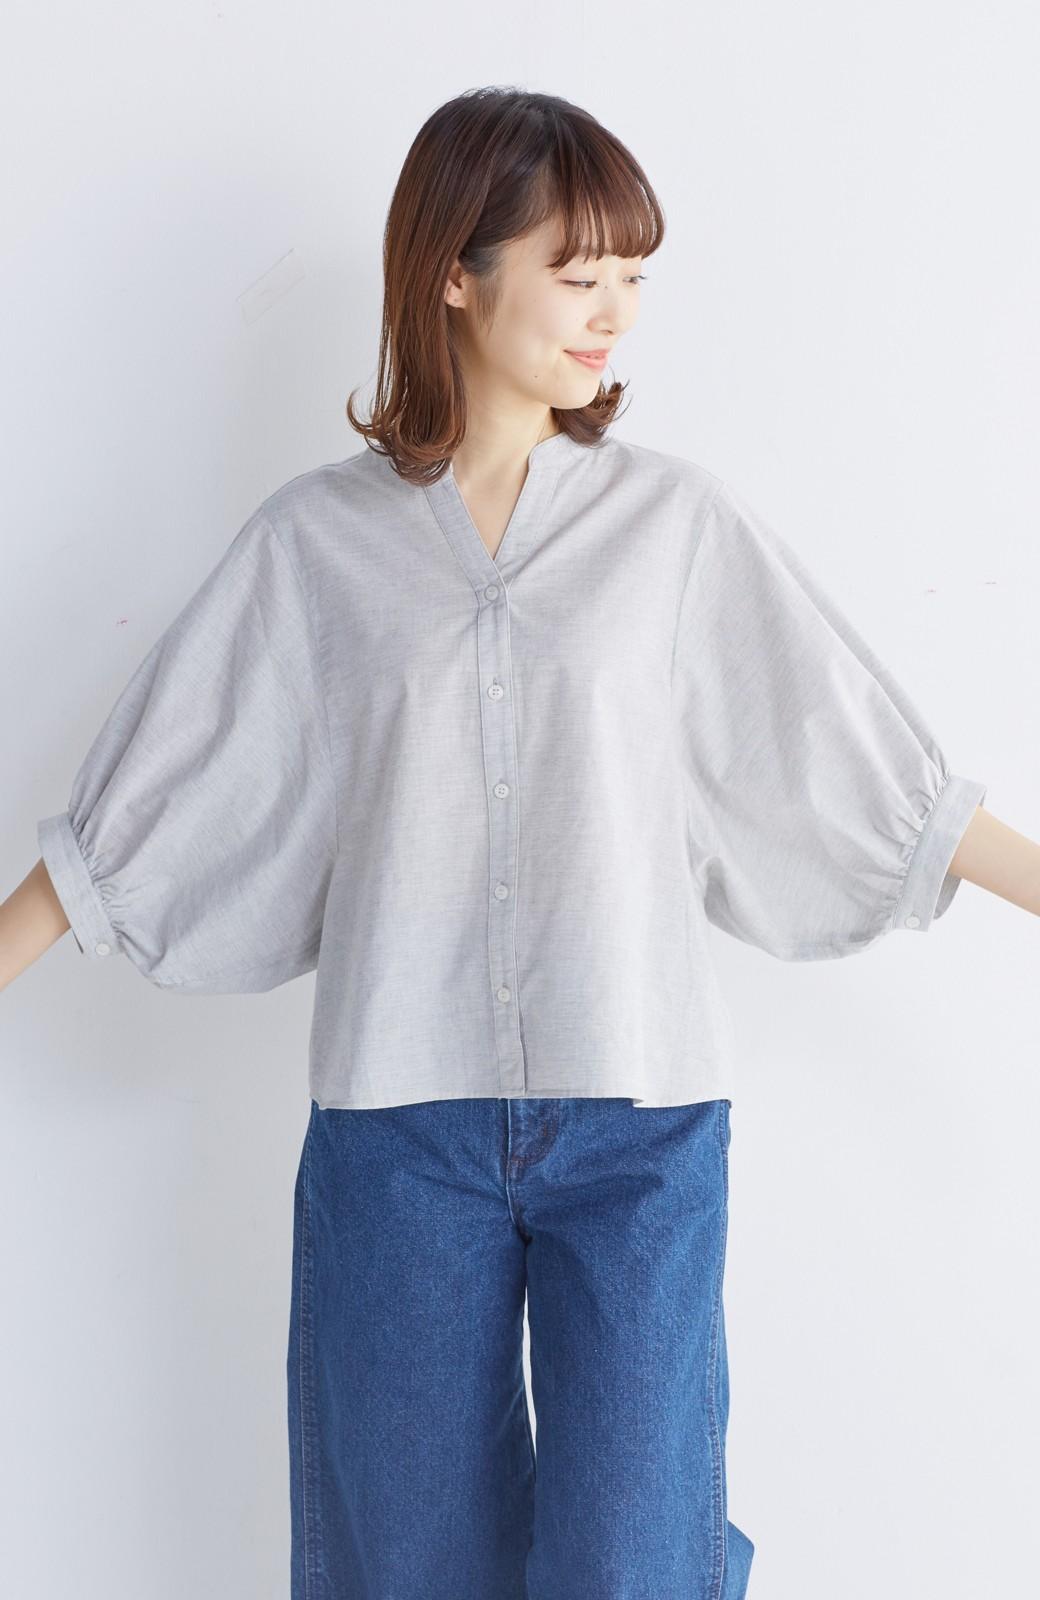 エムトロワ 大人かわいいぷっくり袖シャツ <グレー>の商品写真12